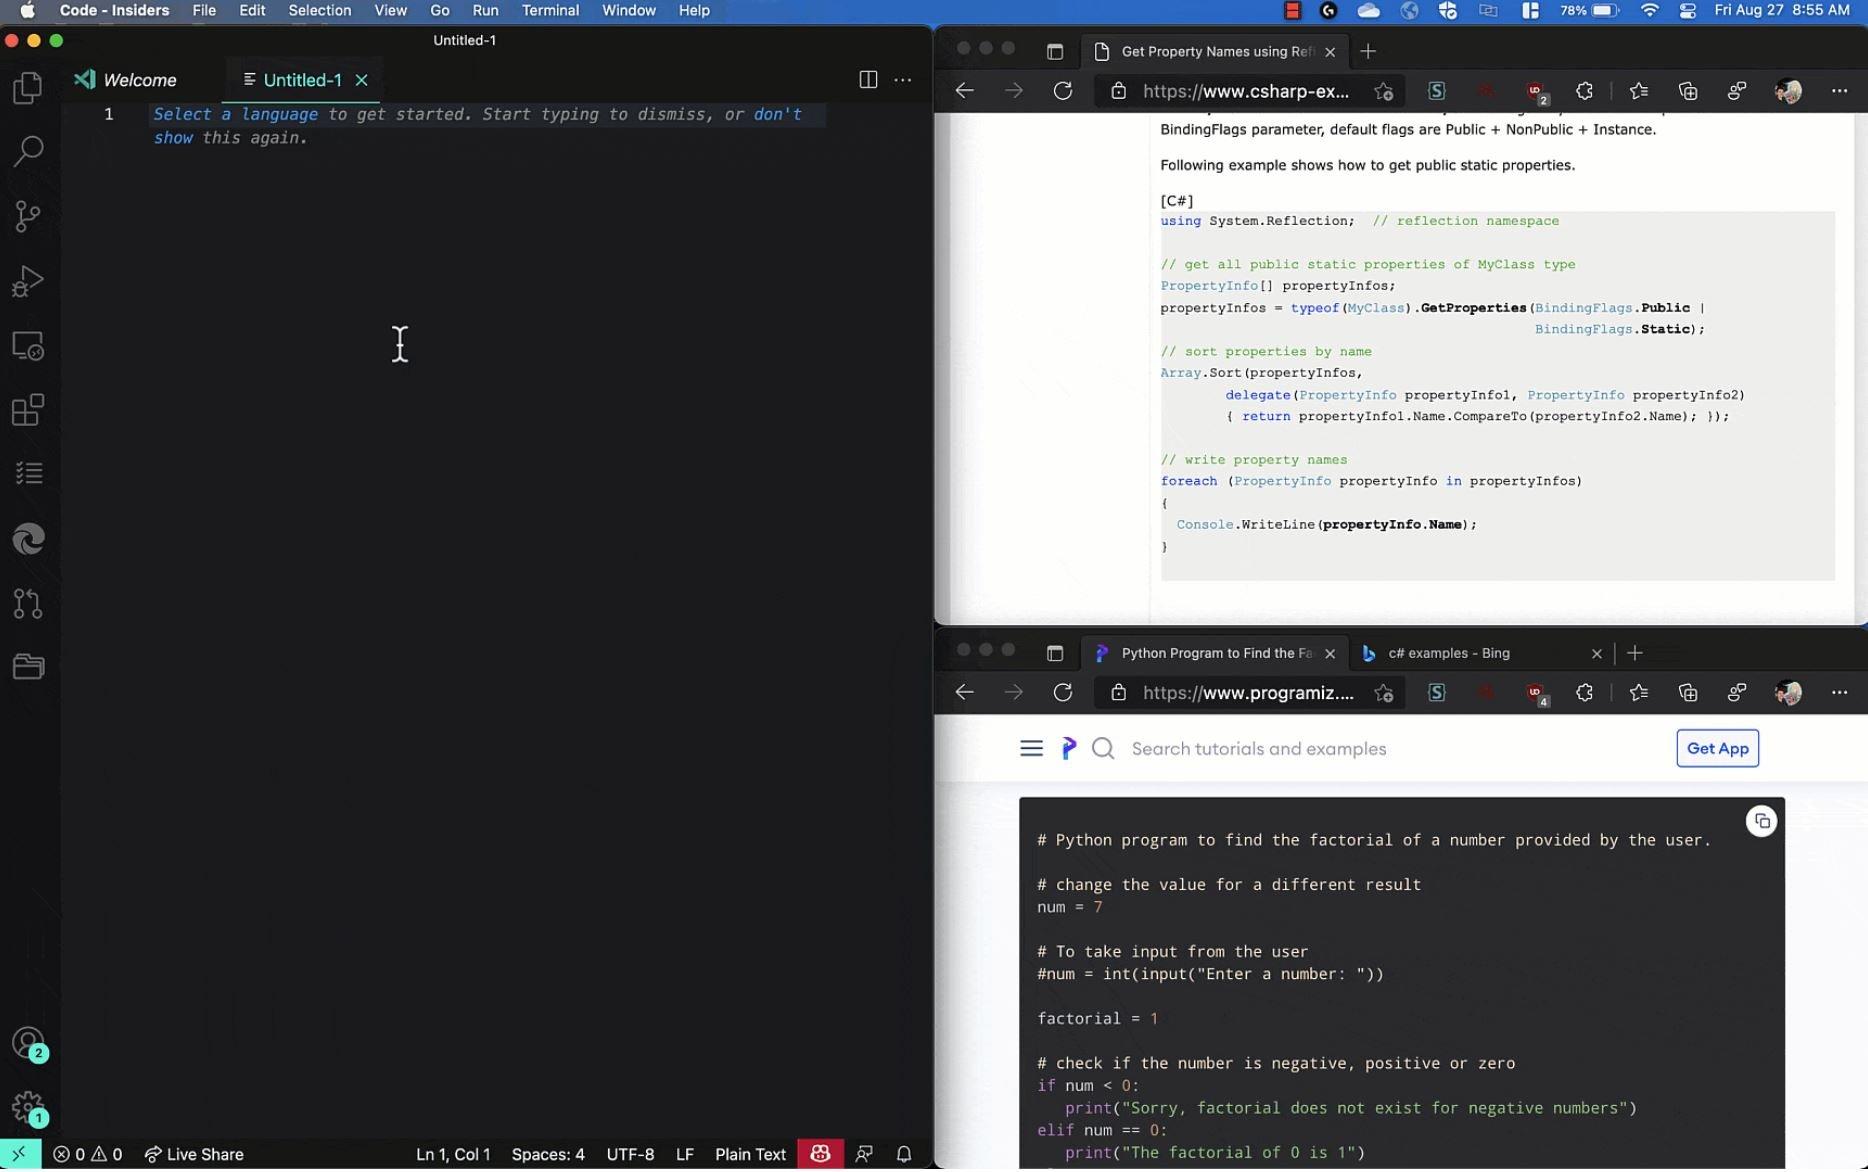 Visual-Studio-Code-August-2021-2.jpg